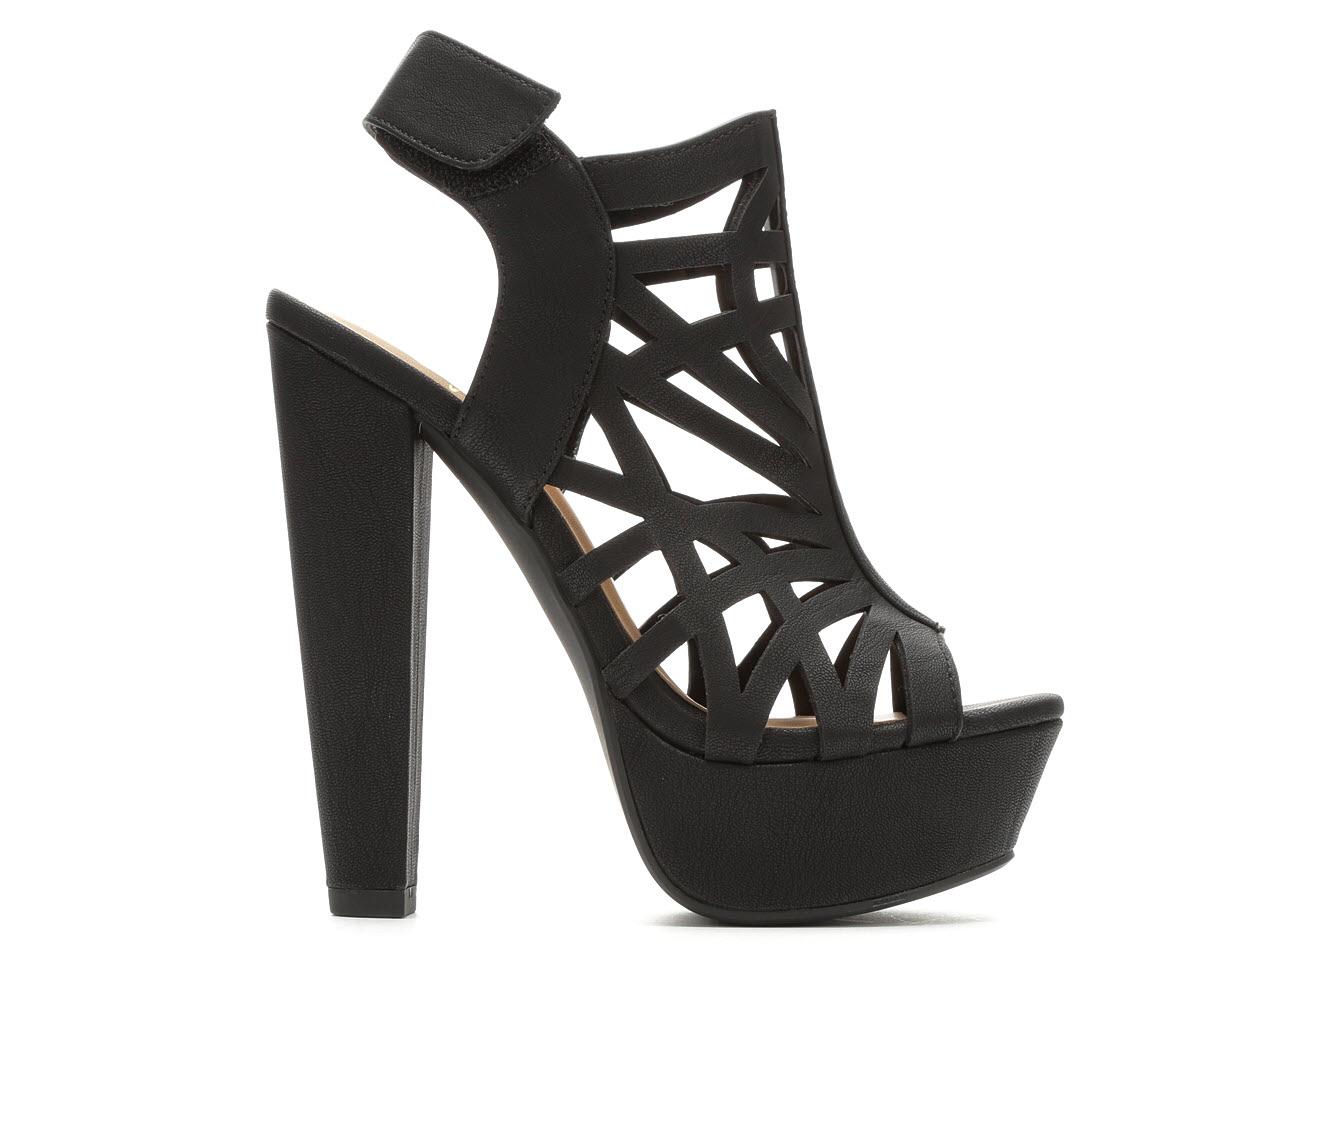 Delicious Factor Women's Dress Shoe (Black Faux Leather)